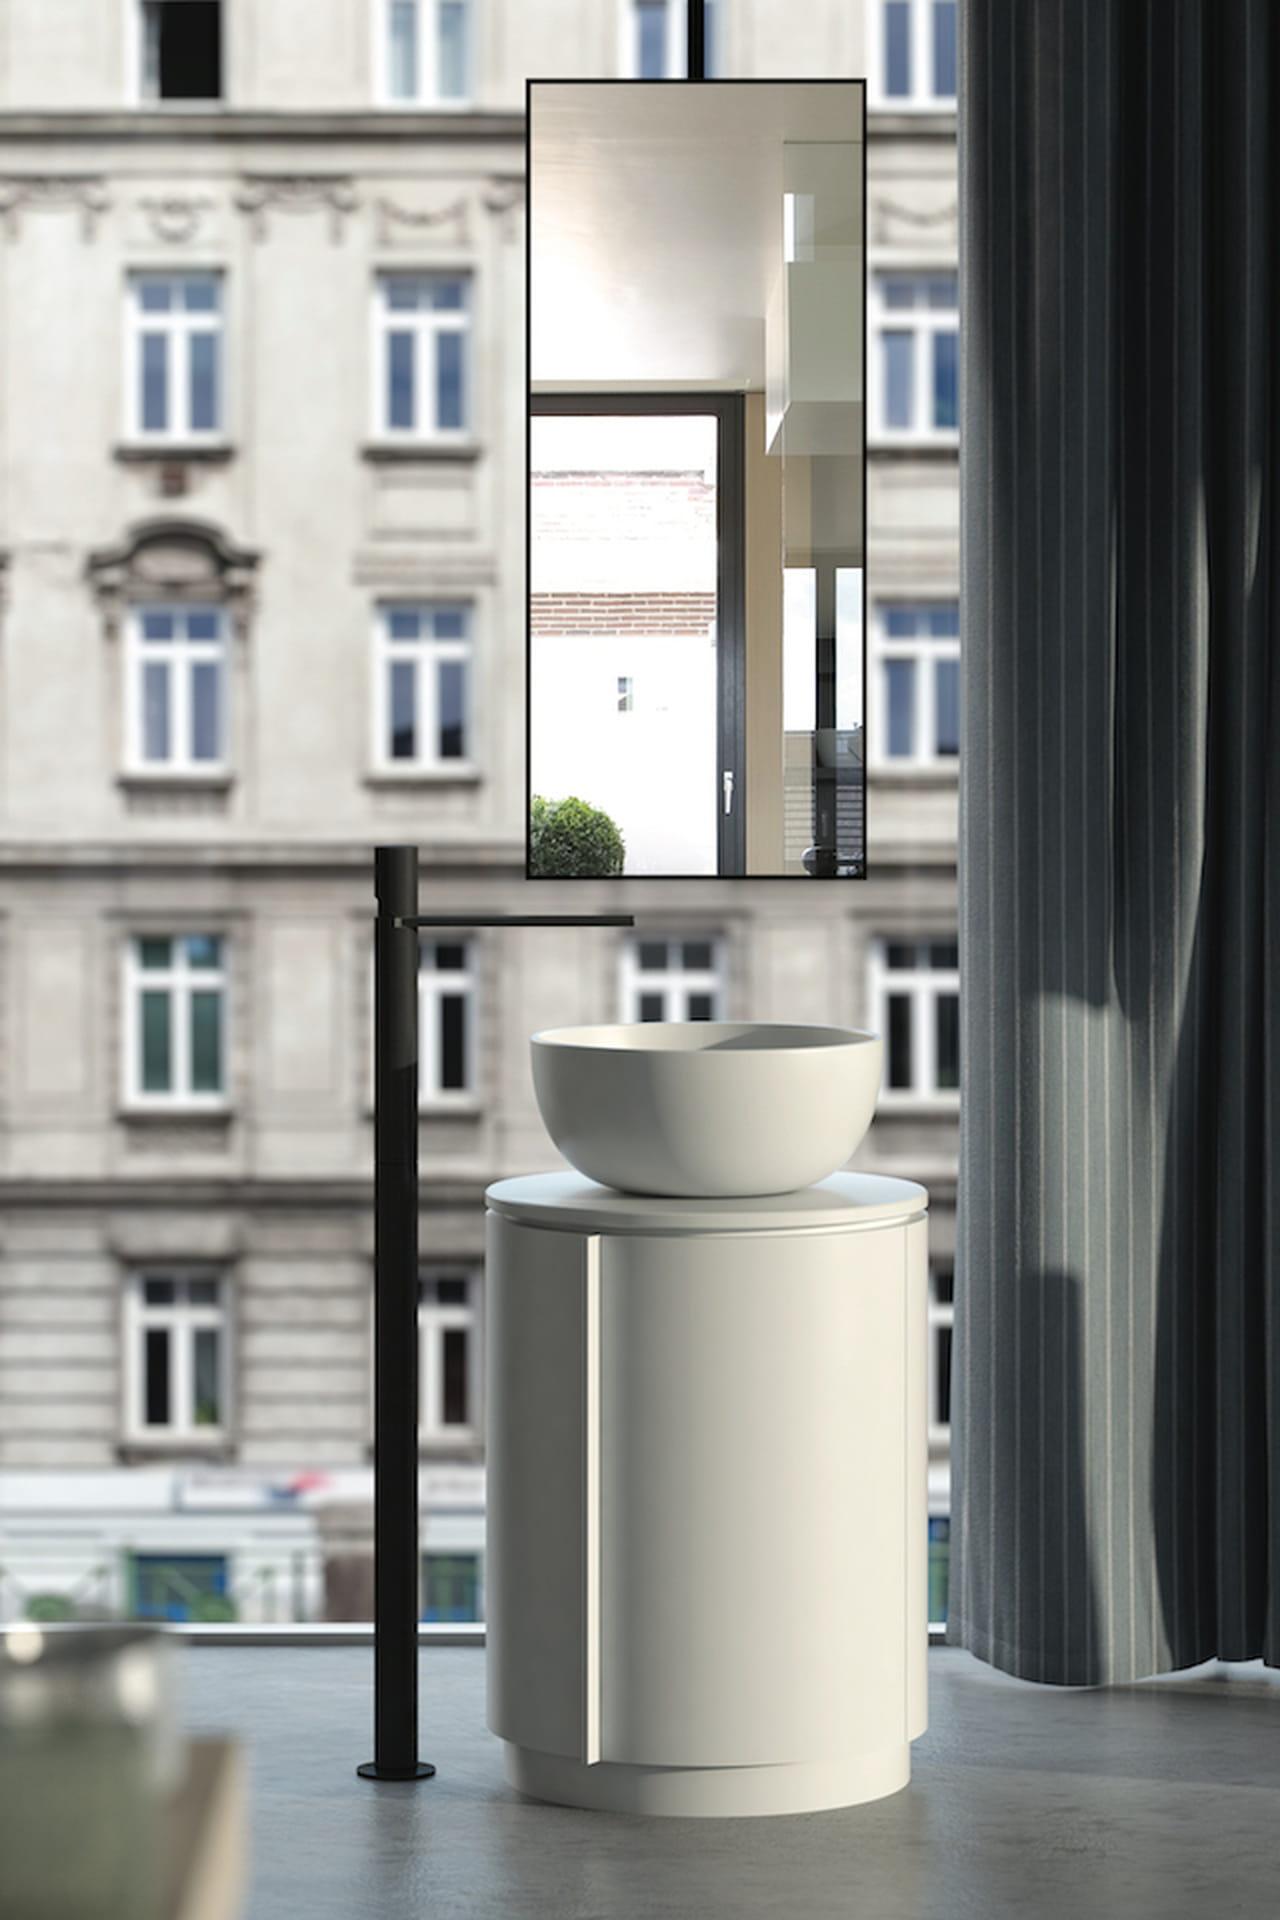 Bagni piccoli soluzioni compatte per arredarli - Ardeco specchi bagno ...